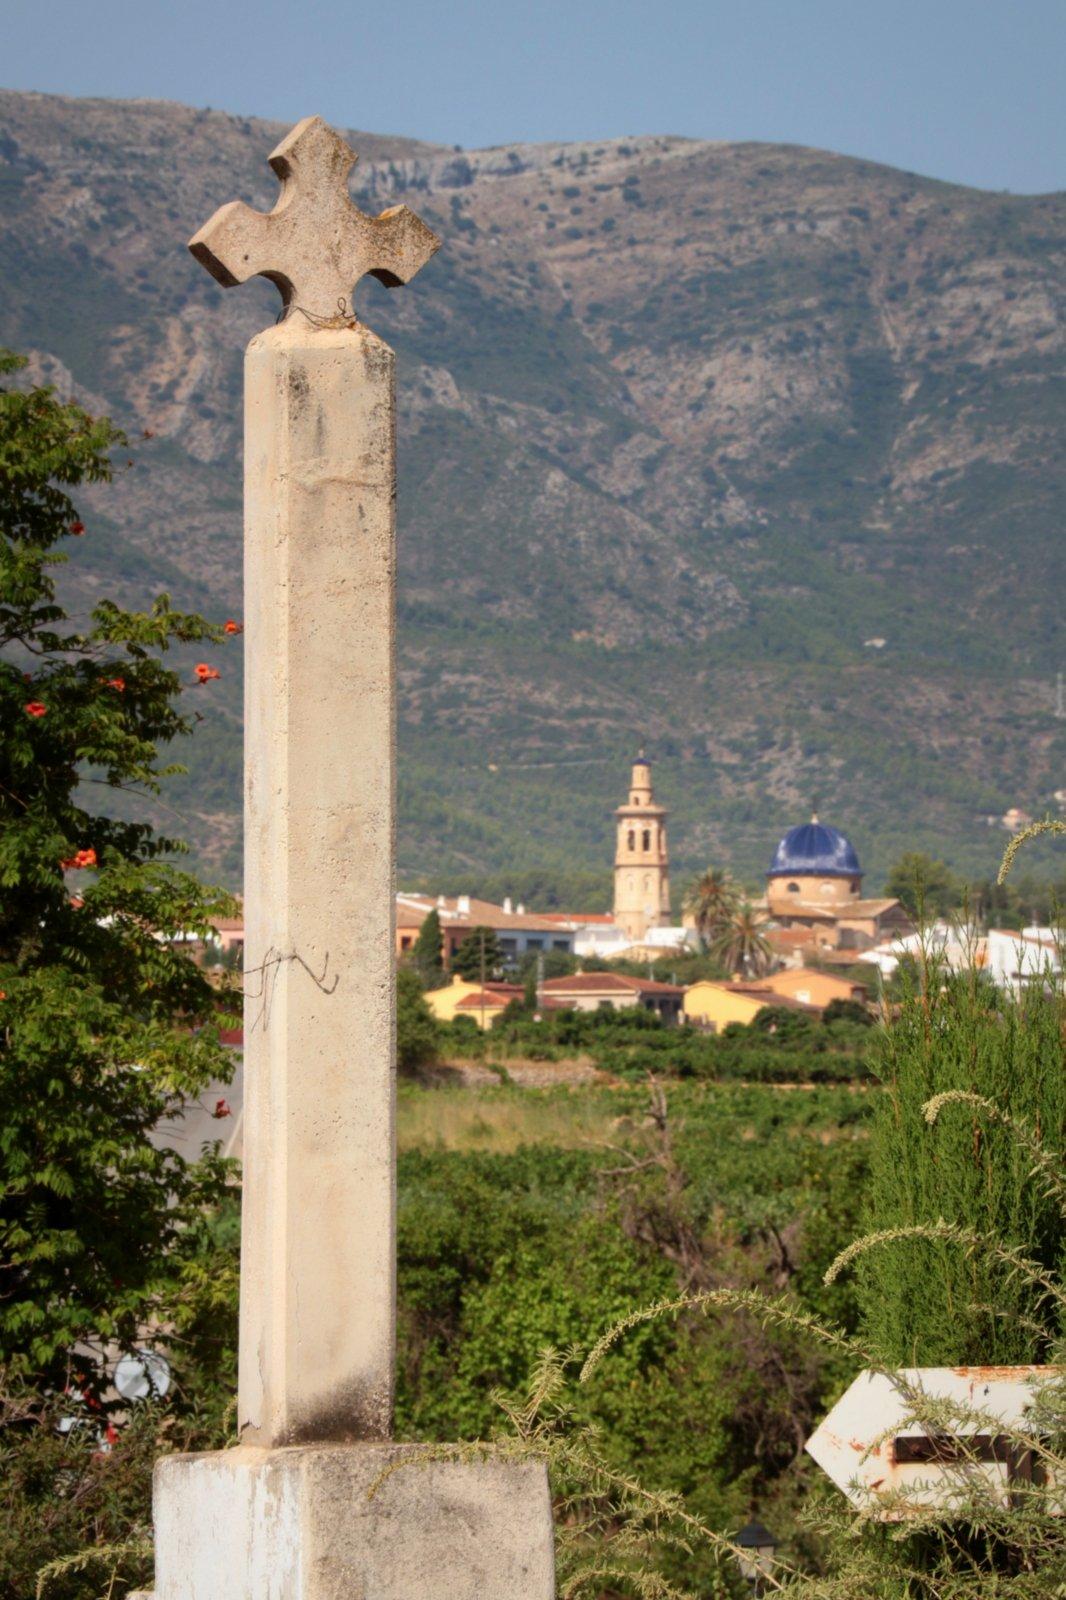 Foto cedida por Tourist Info Vall de Pop